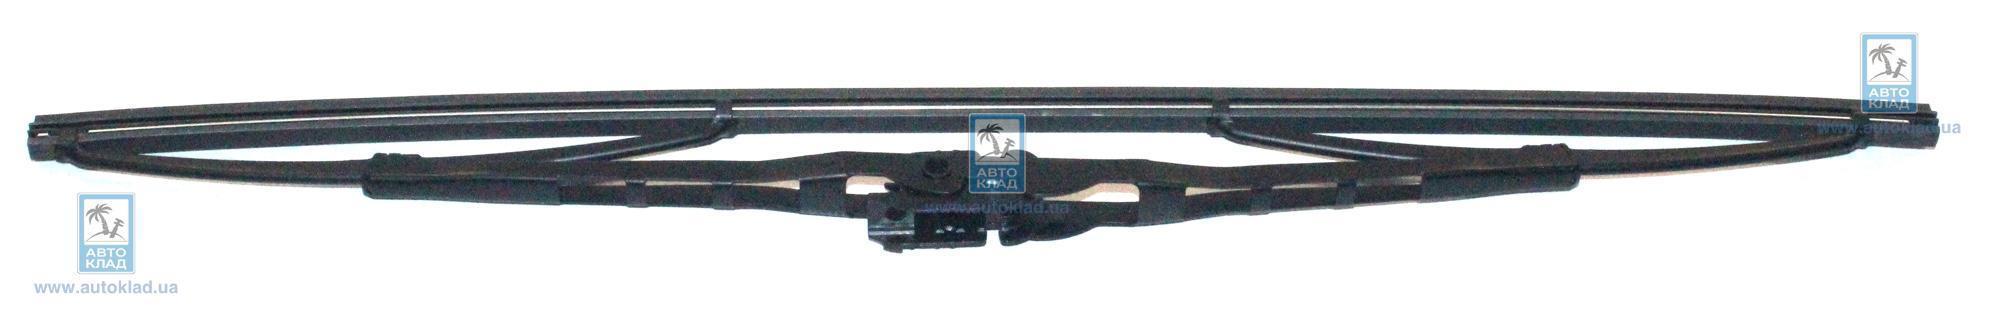 Щетка стеклоочистителя 400мм SWF 116121